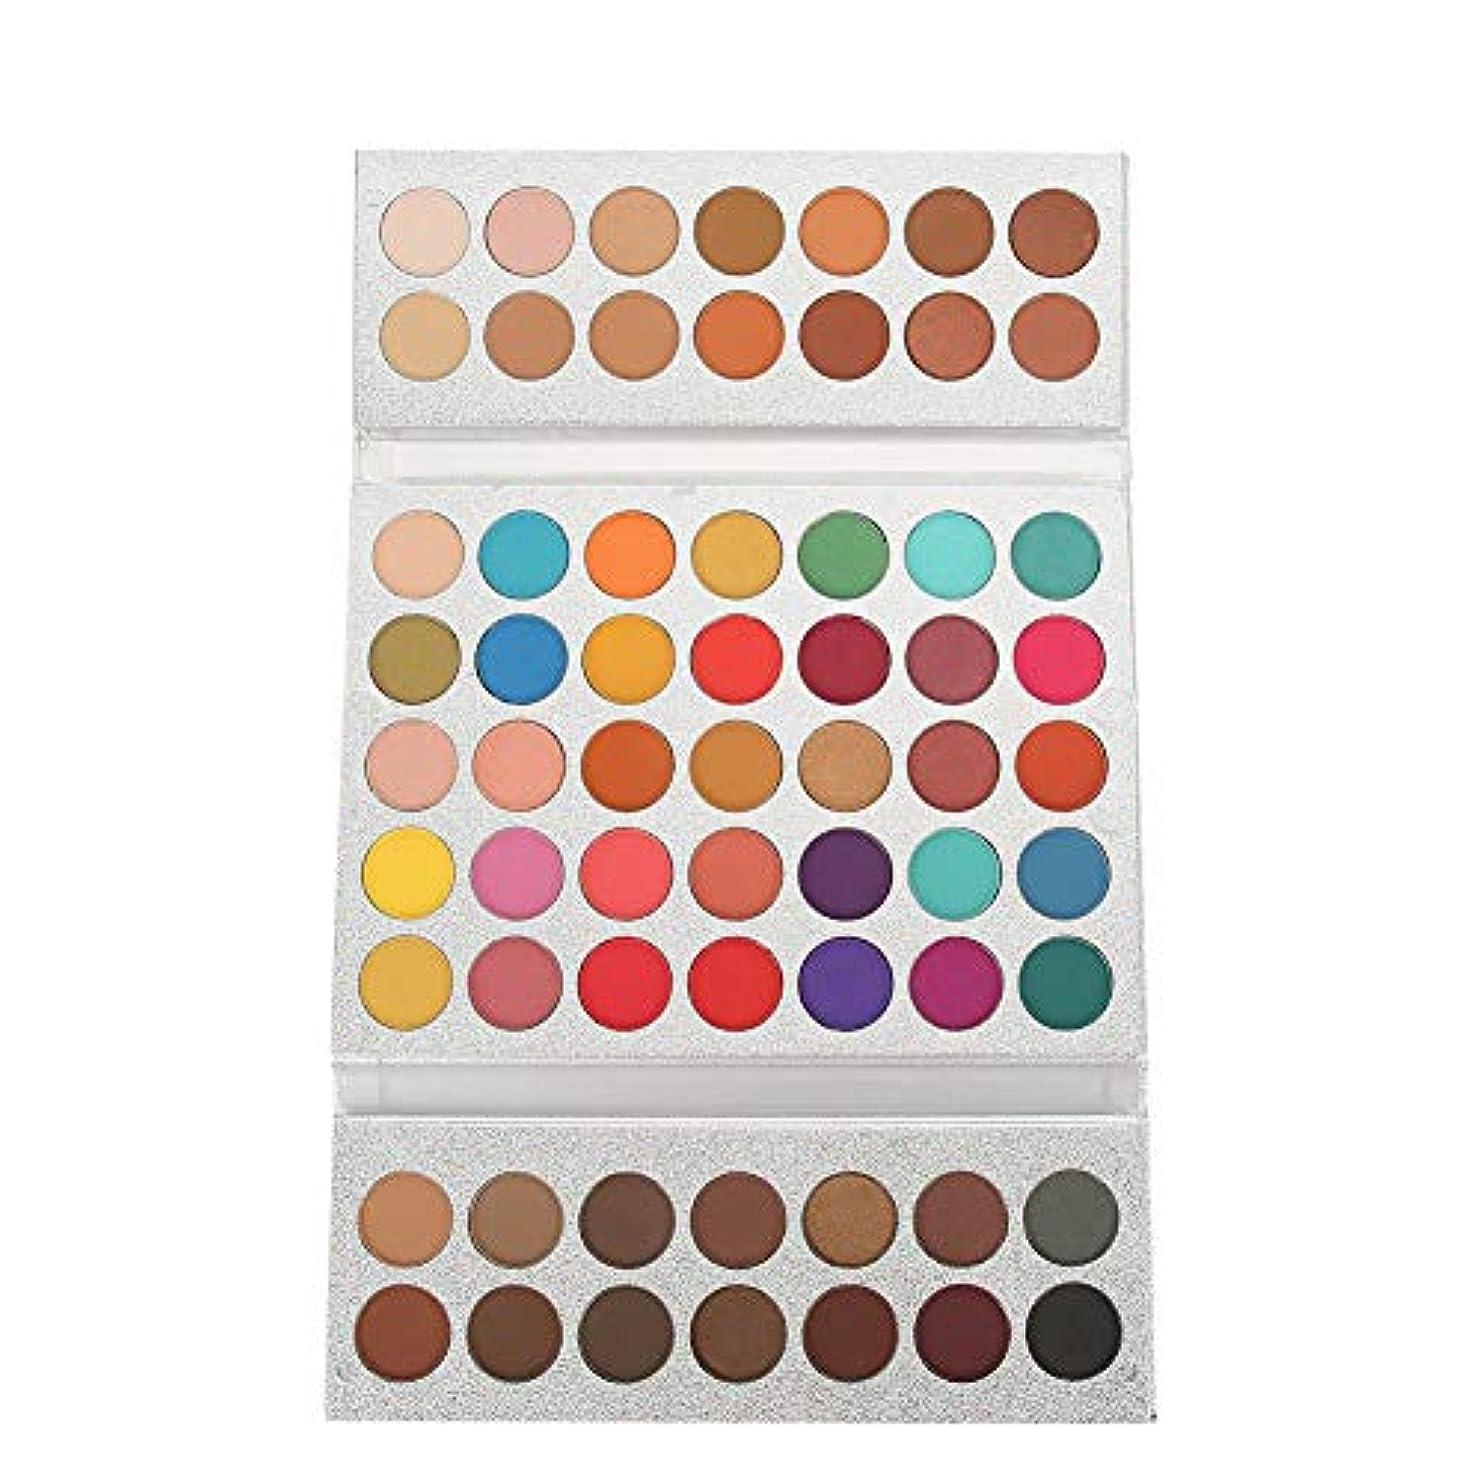 否定するプラットフォーム逆説アイシャドウ パレット 63色 美容真珠光沢 マットアイ 化粧品 メイクアップパレット